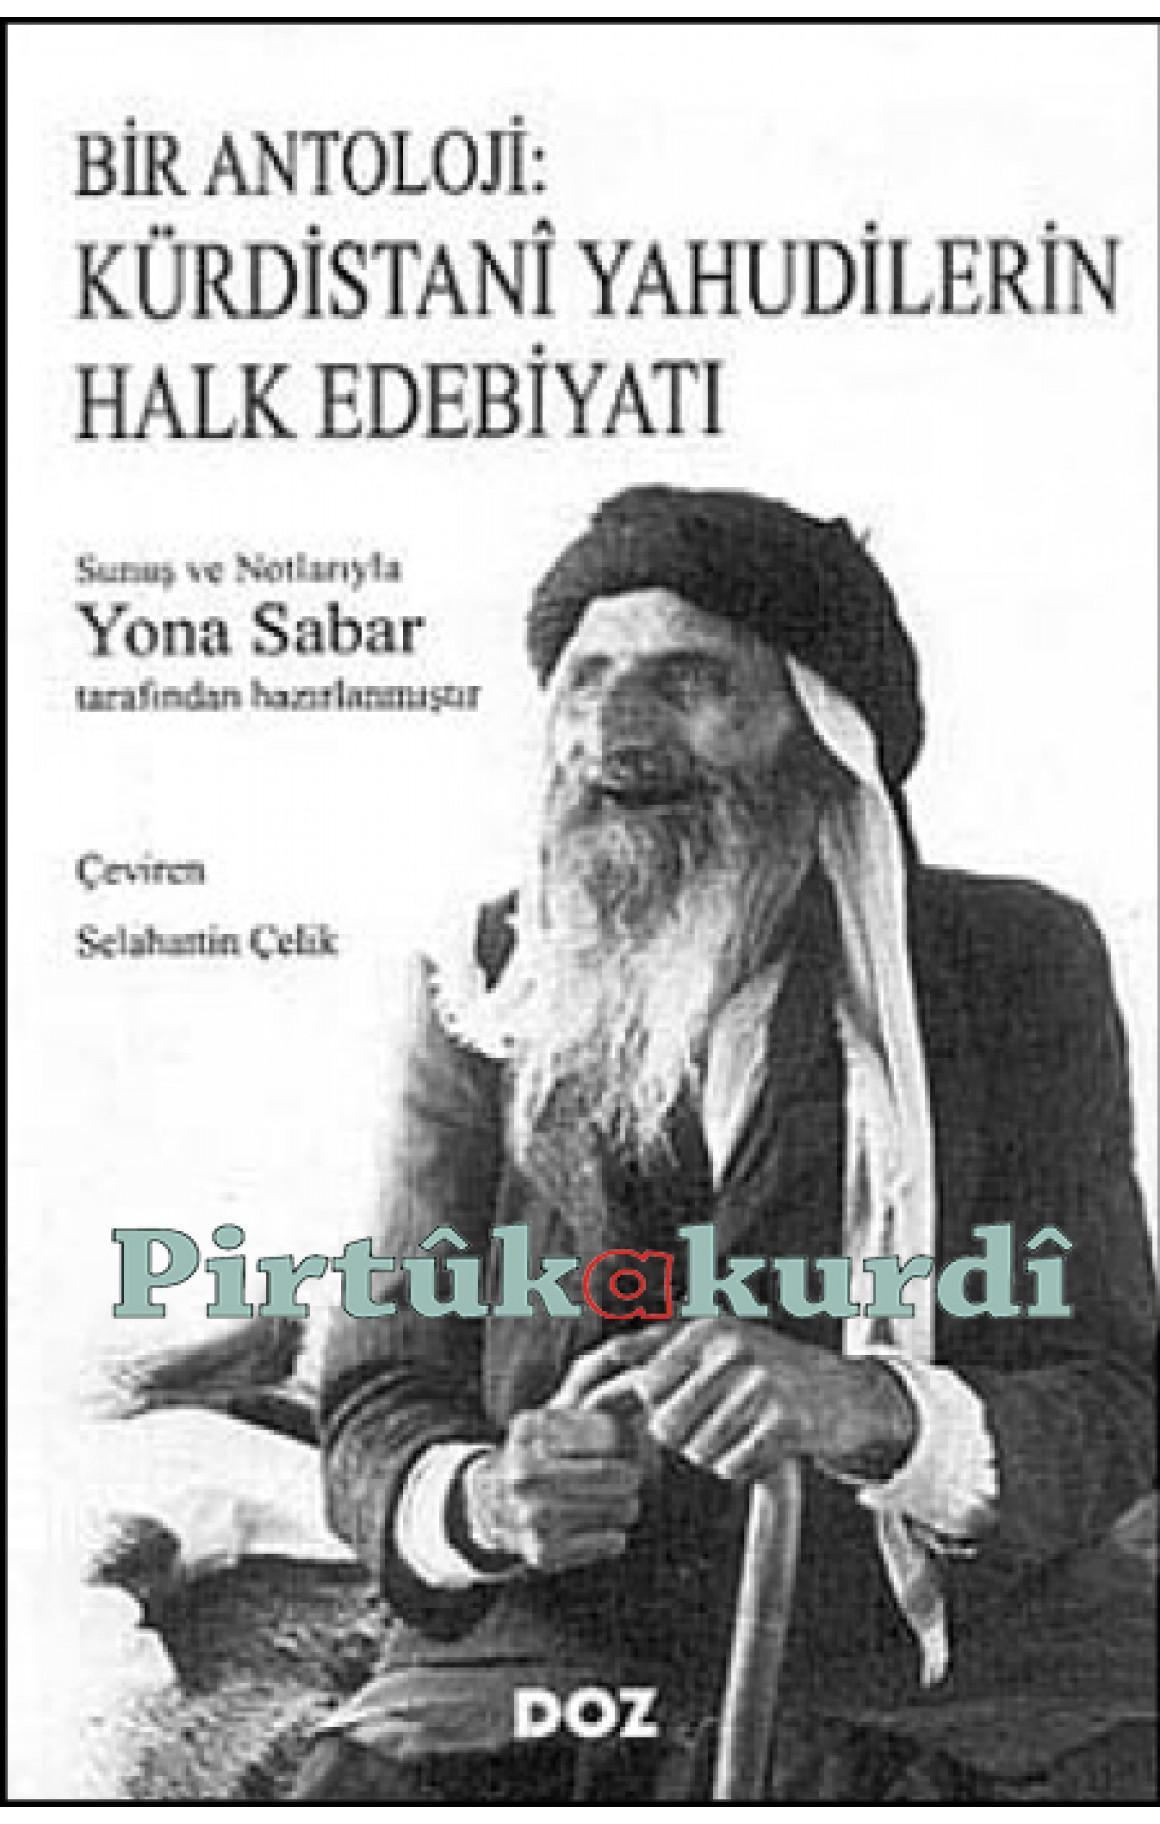 Kürdistani Yahudilerin Halk Edebiyatı